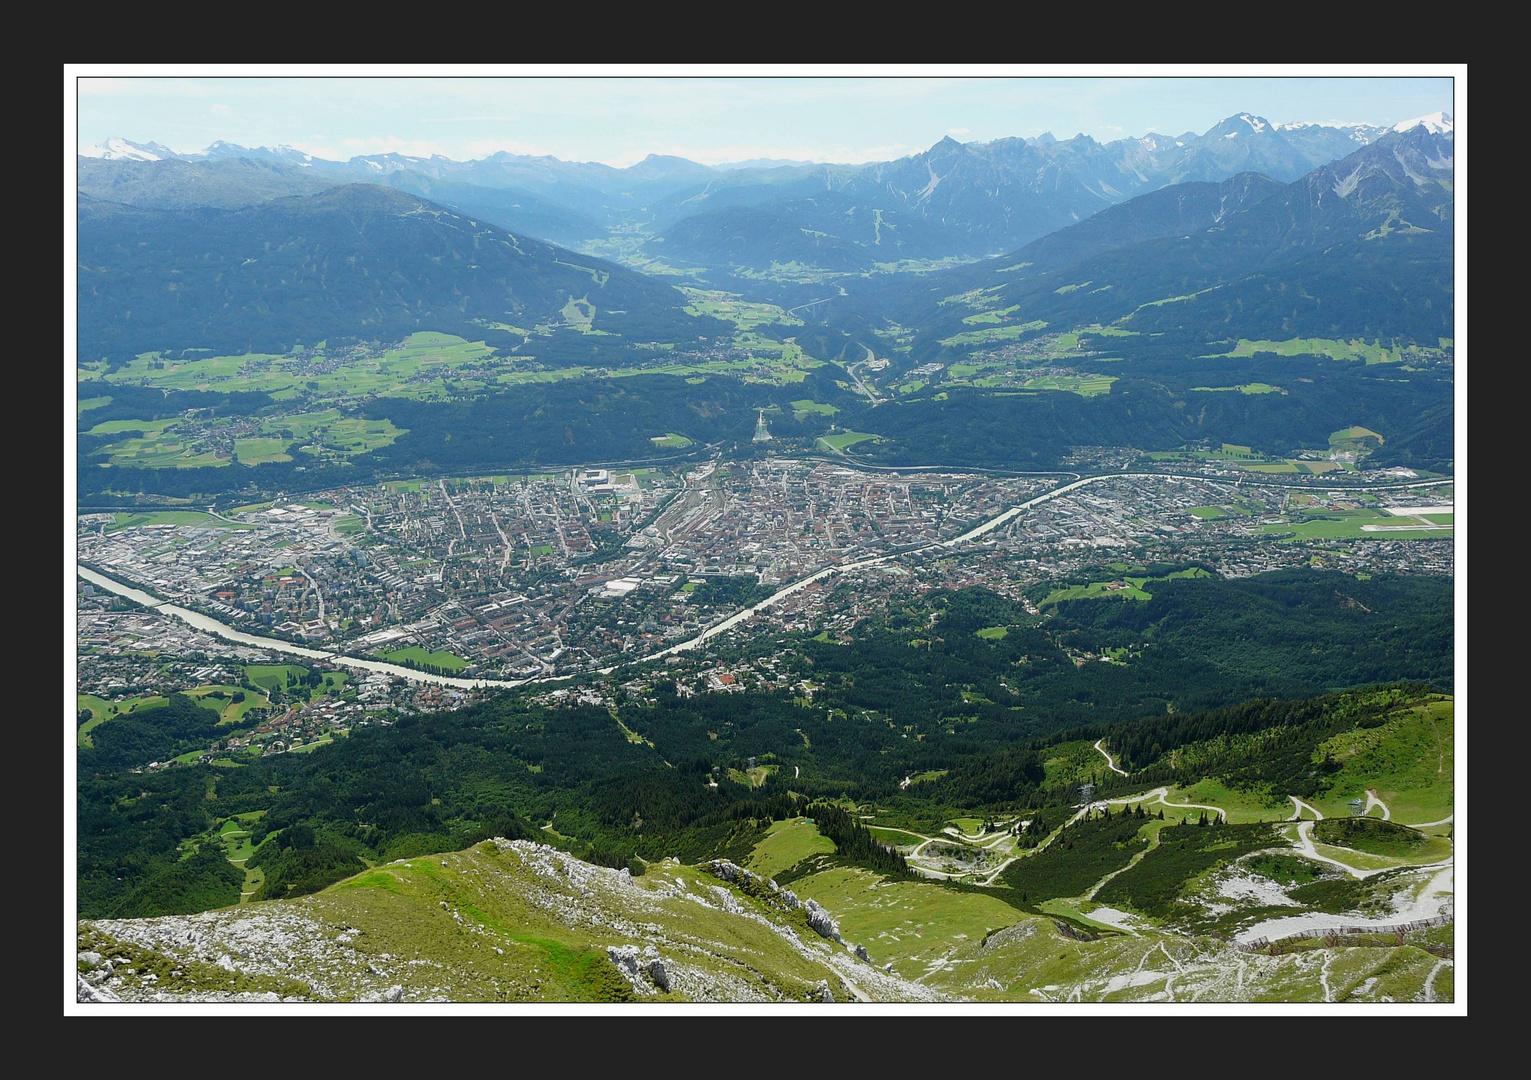 Innsbruck von oben